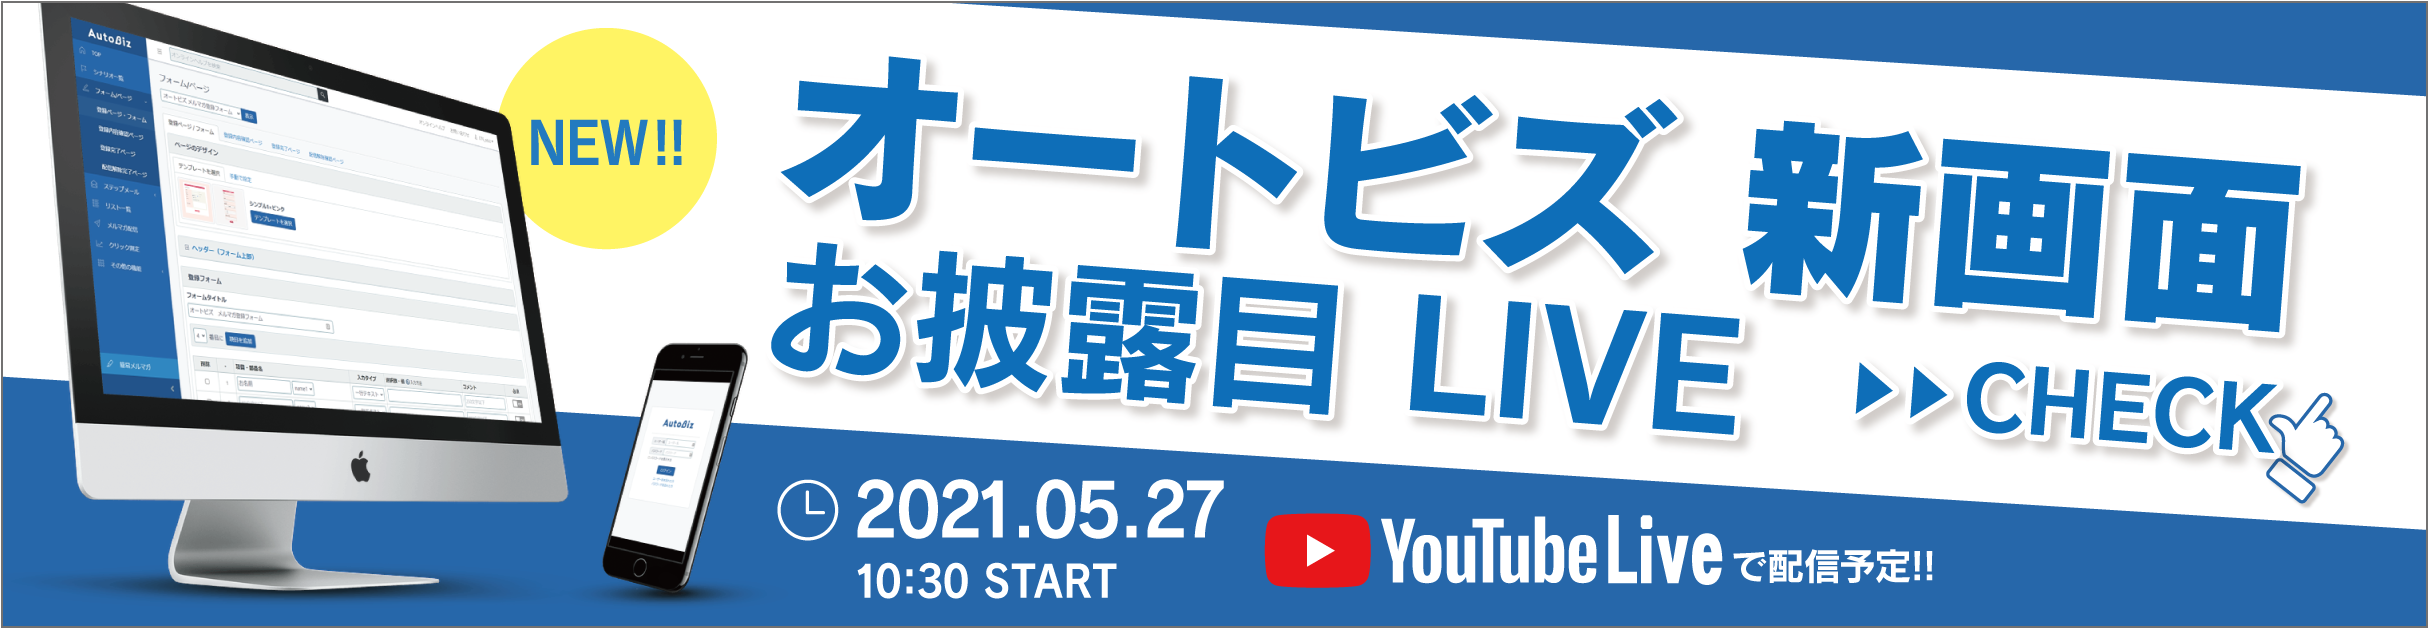 オートビズ新画面 お披露目LIVE